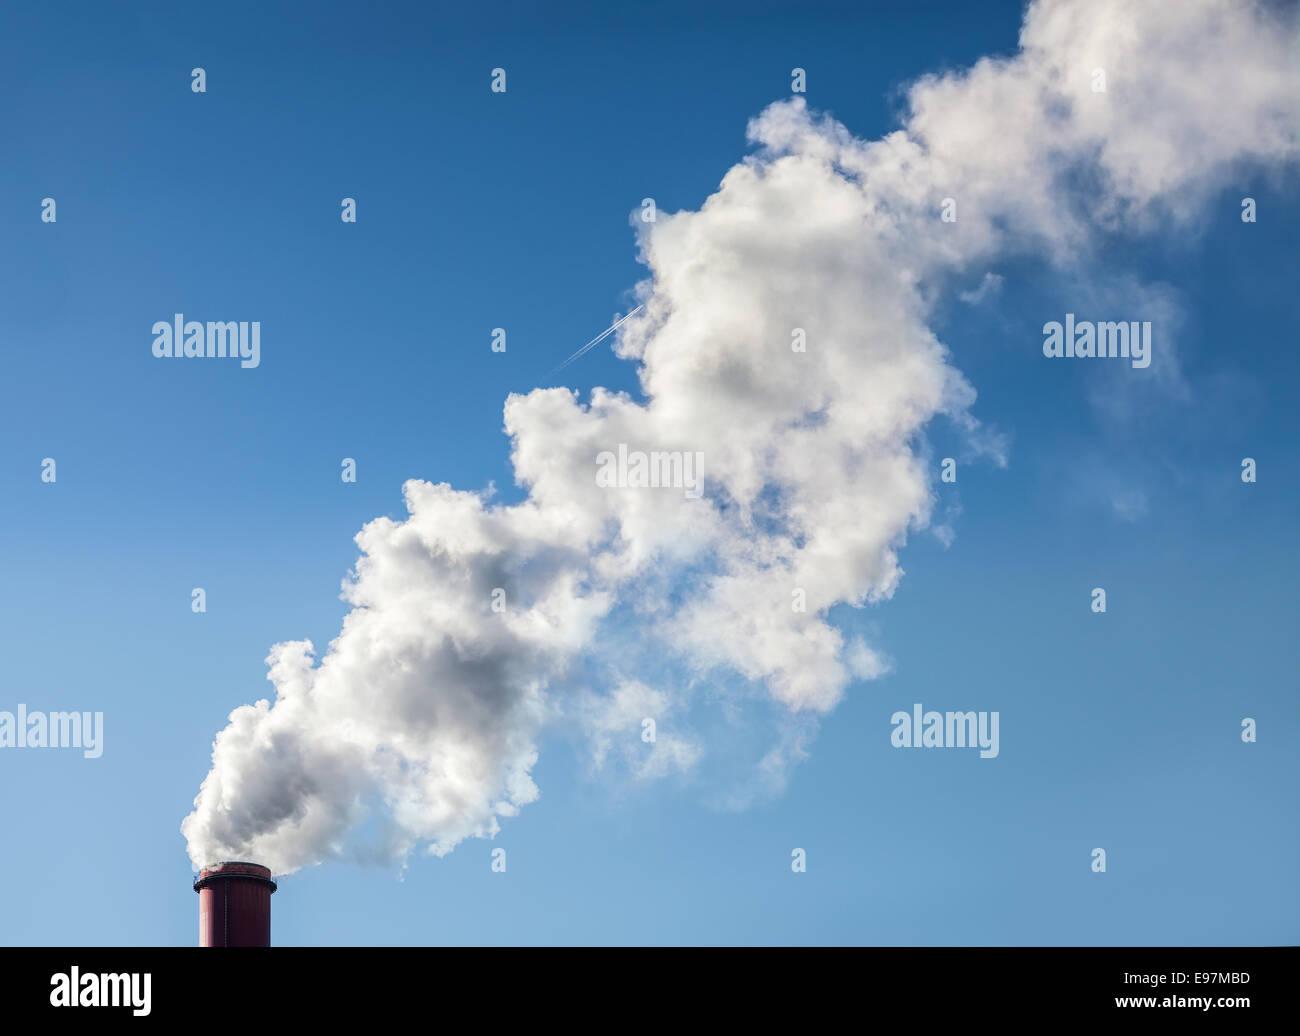 Rauch von industriellen Schornstein auf einem klaren blauen Himmel. Stockbild